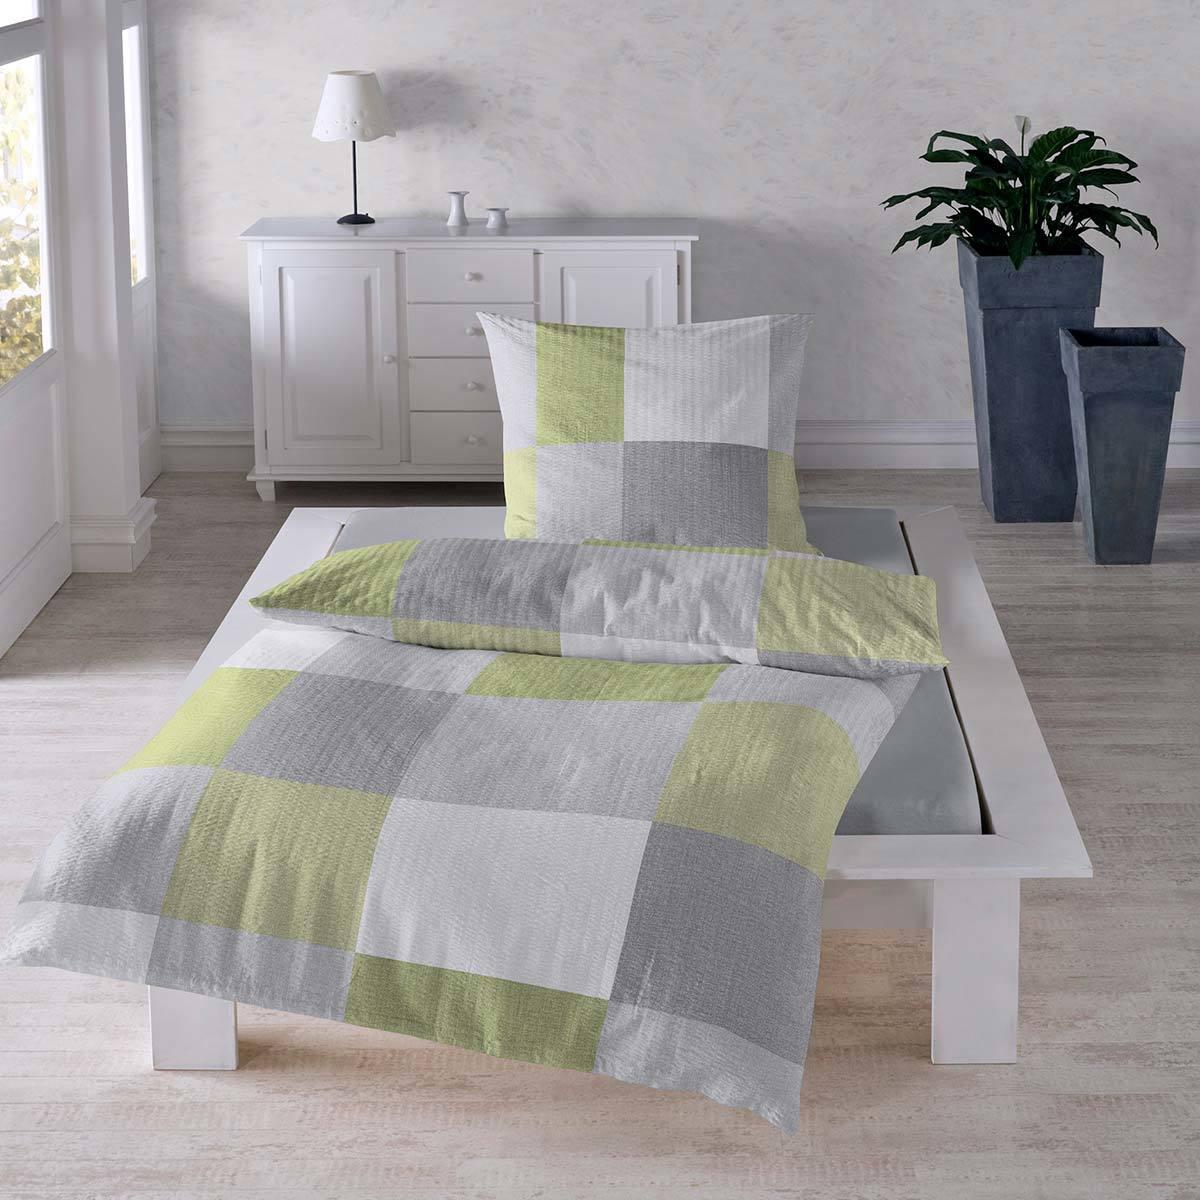 traumschlaf seersucker bettw sche karo g nstig online kaufen bei bettwaren shop. Black Bedroom Furniture Sets. Home Design Ideas